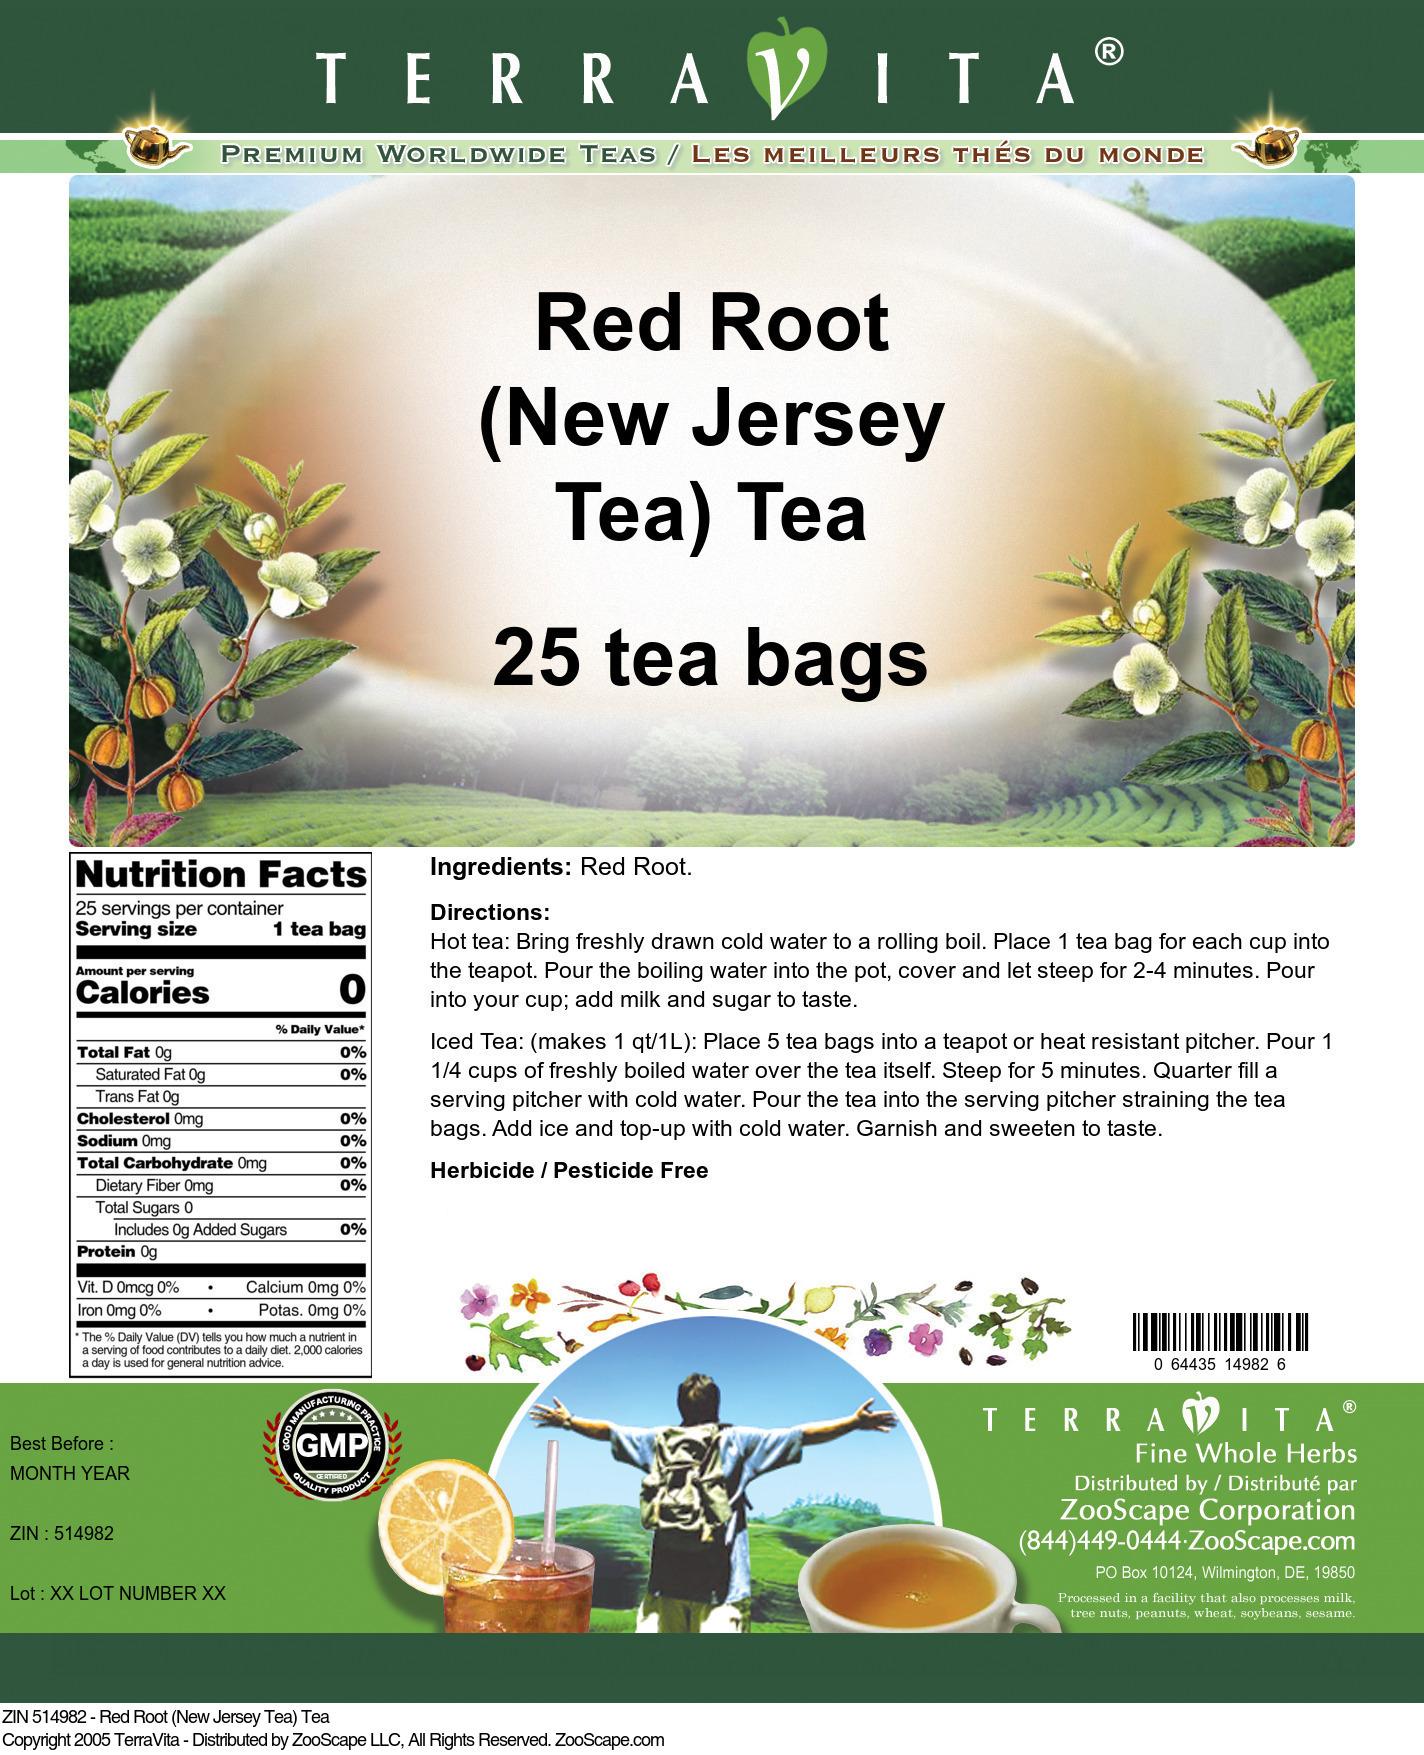 Red Root (New Jersey Tea) Tea